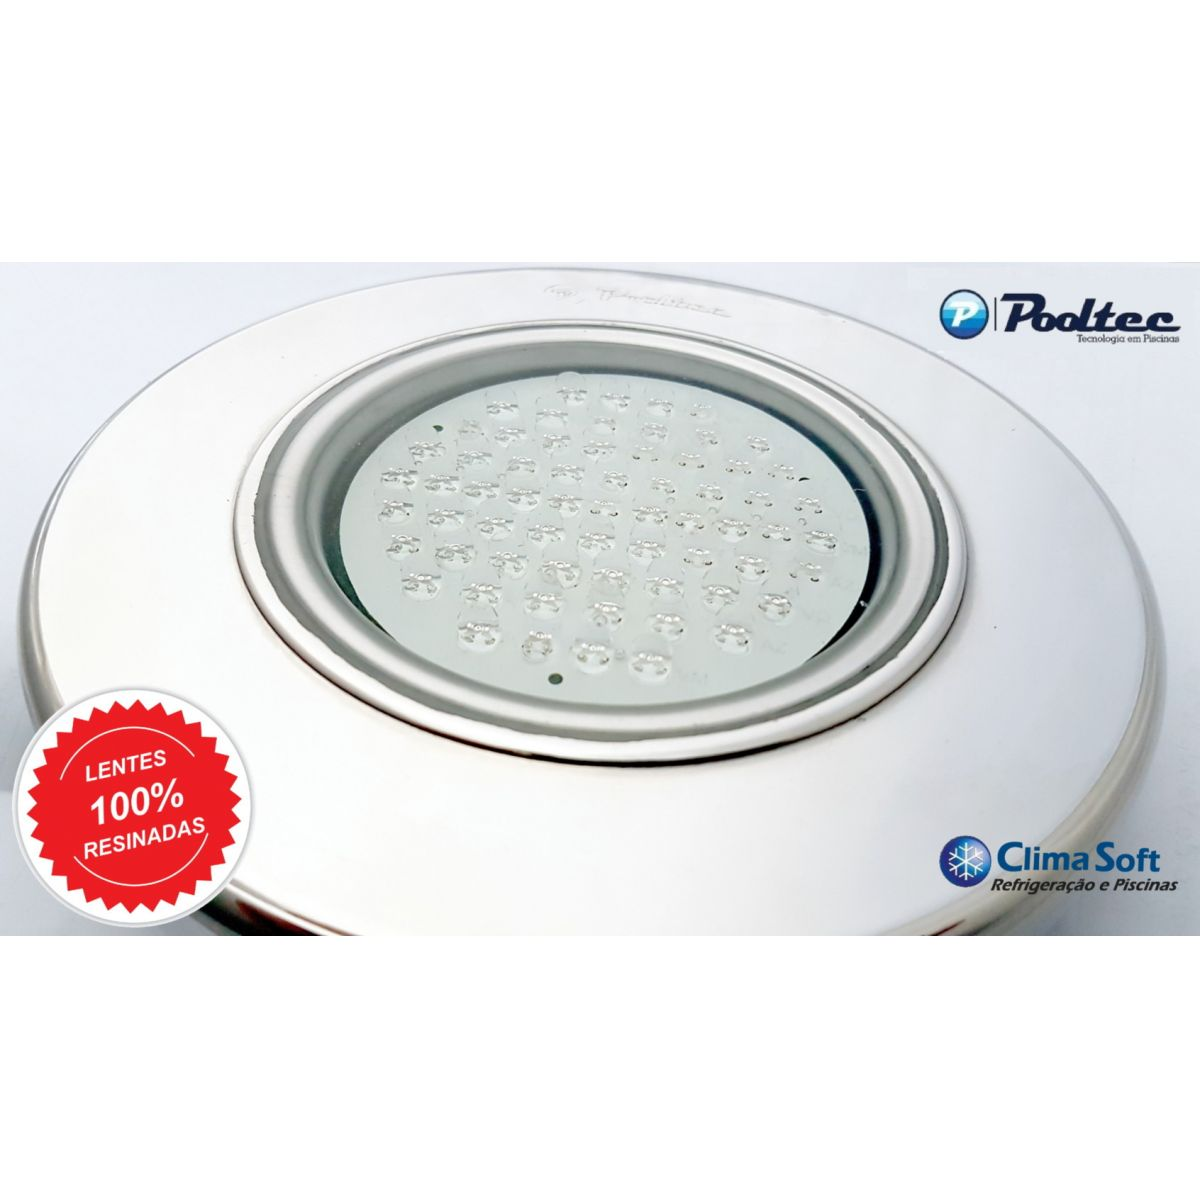 Kit Iluminação para Piscina 1 Led 65 Inox RGB Colorido + Comando e Controle Remoto - Até 9 m²